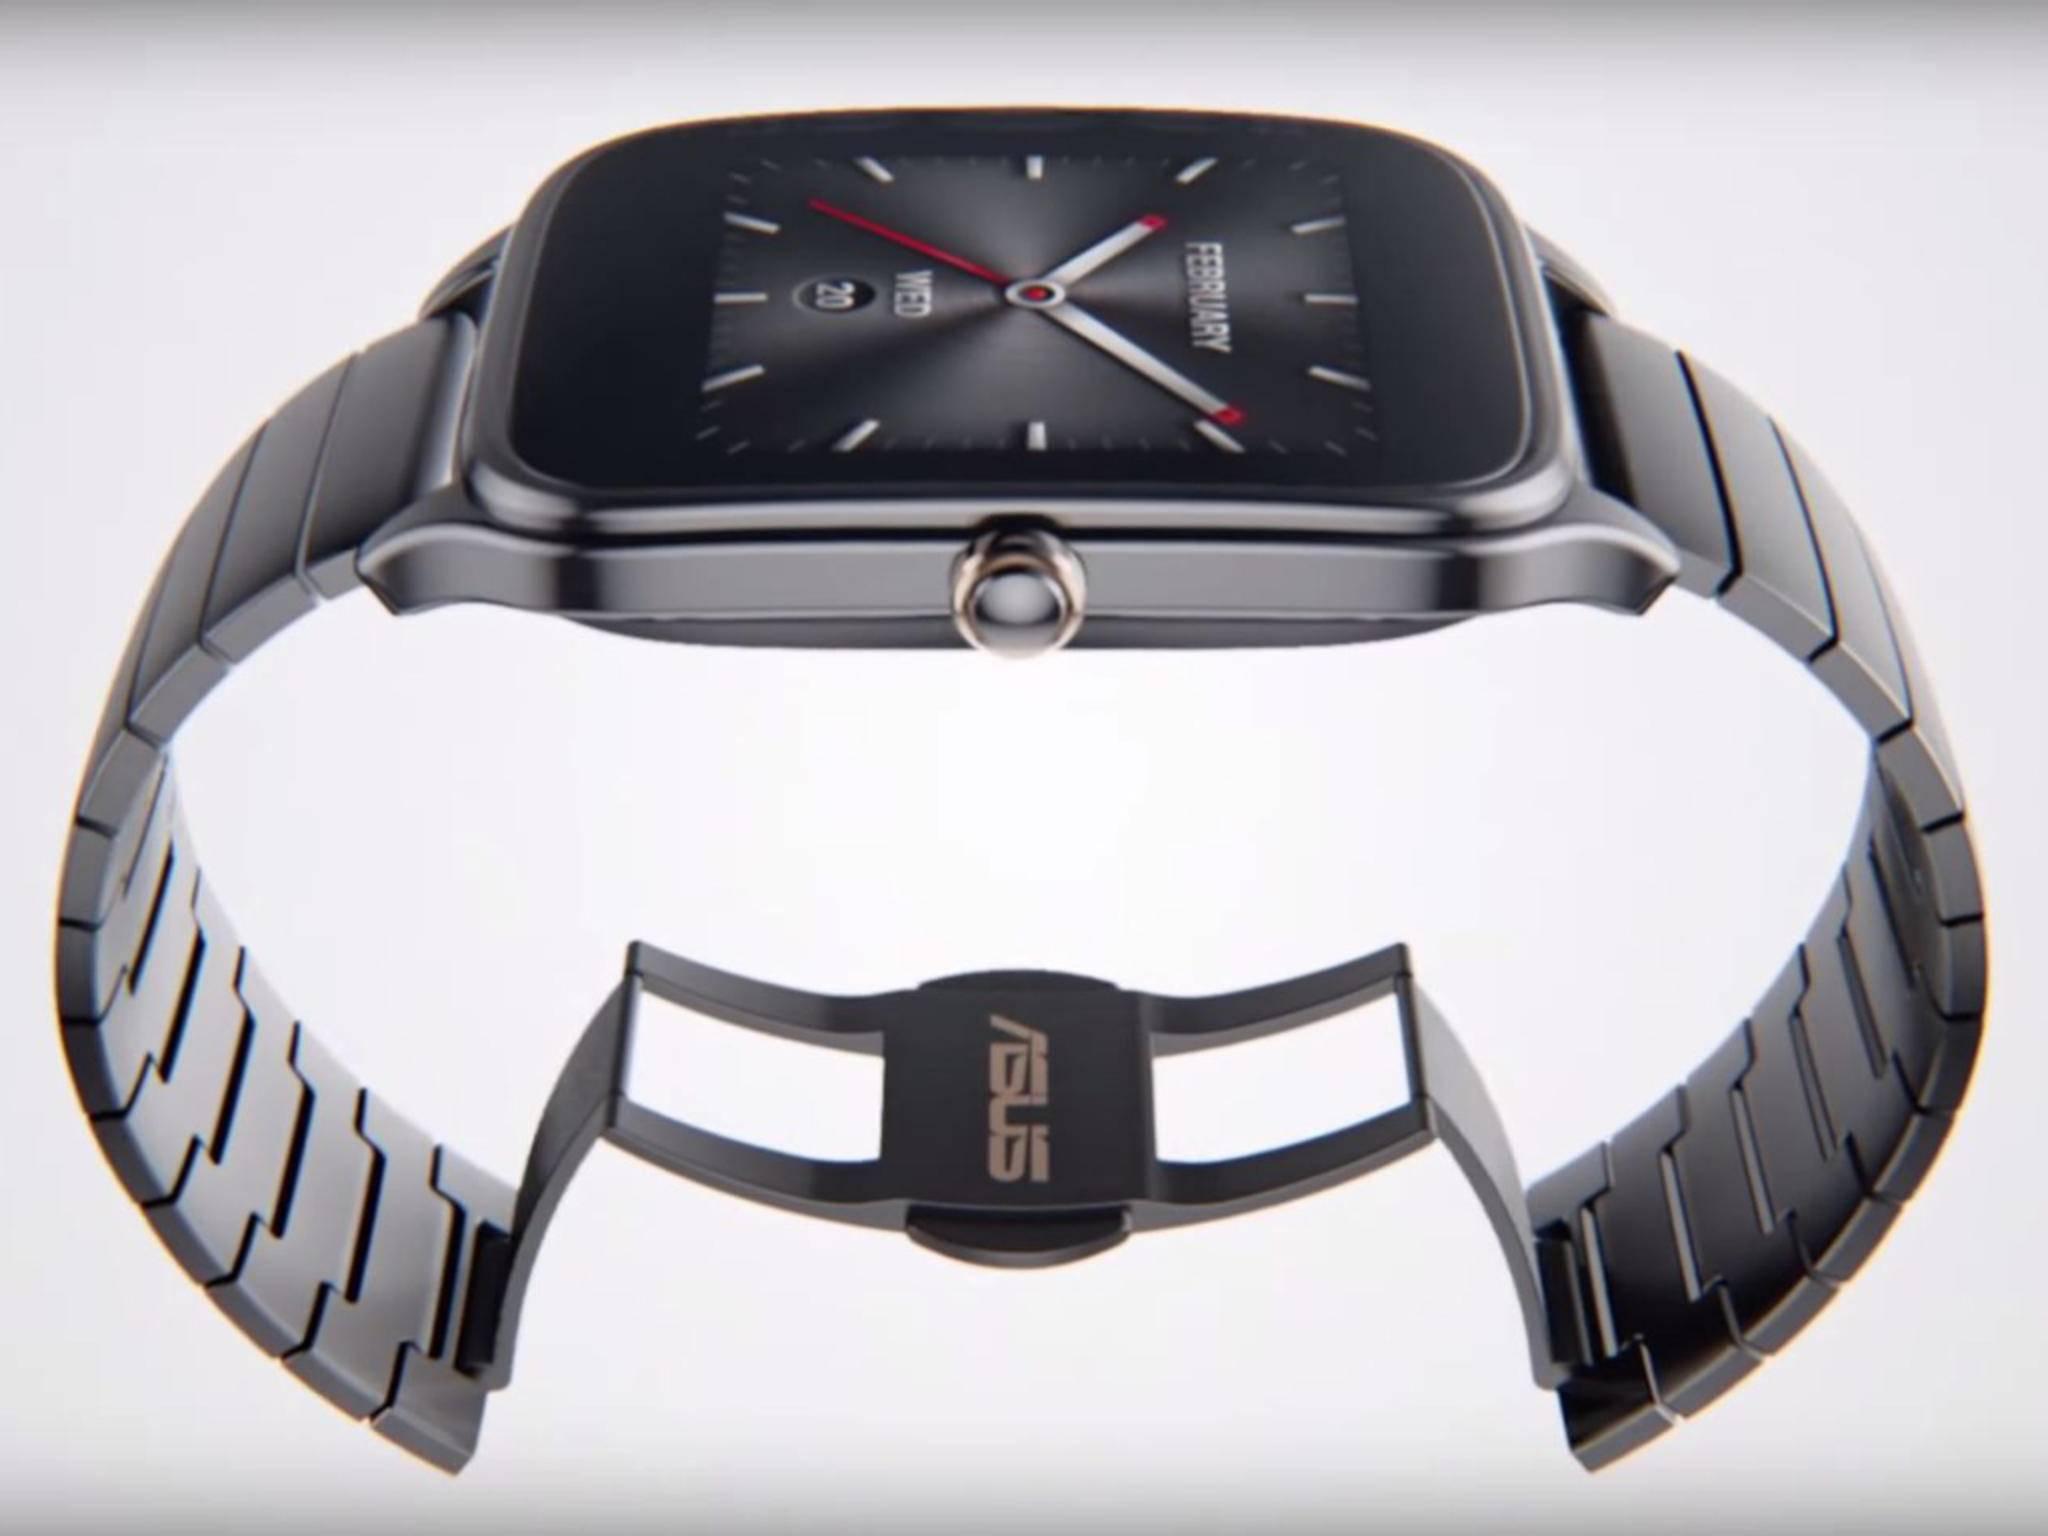 Die ZenWatch 2 orientiert sich anscheinend an Apples Smartwatch.